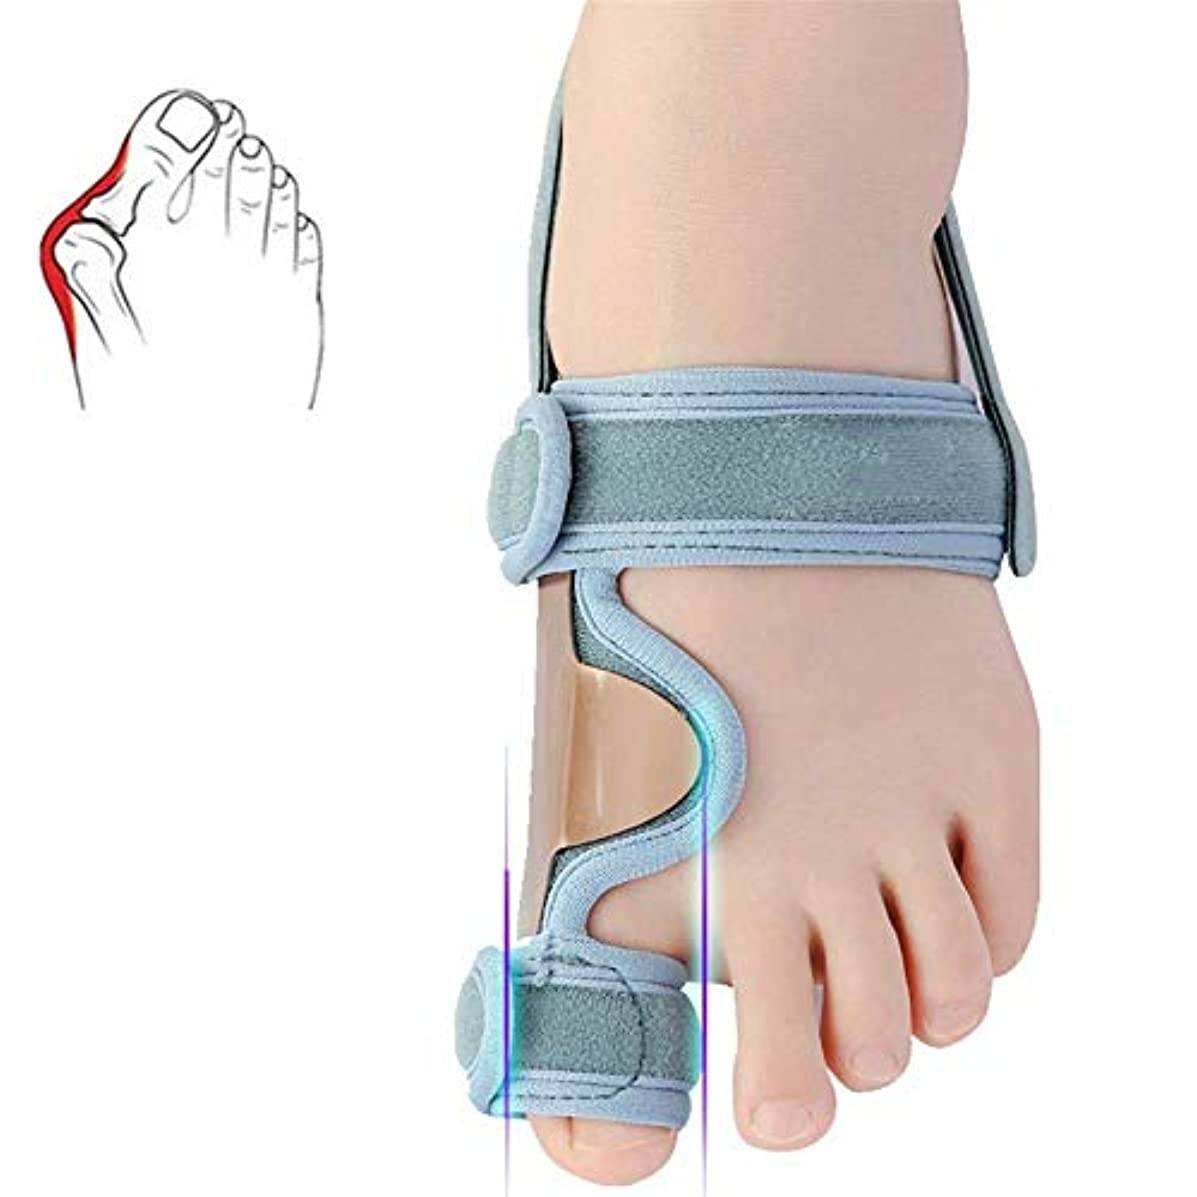 再生可能定常シネウィNighttime Bunion Corrector Toe Straightener、夜用、1組の整形外科用Bunion Splintsビッグトゥストレイテナー、Bunion Splint Protectorバニオンブレース...